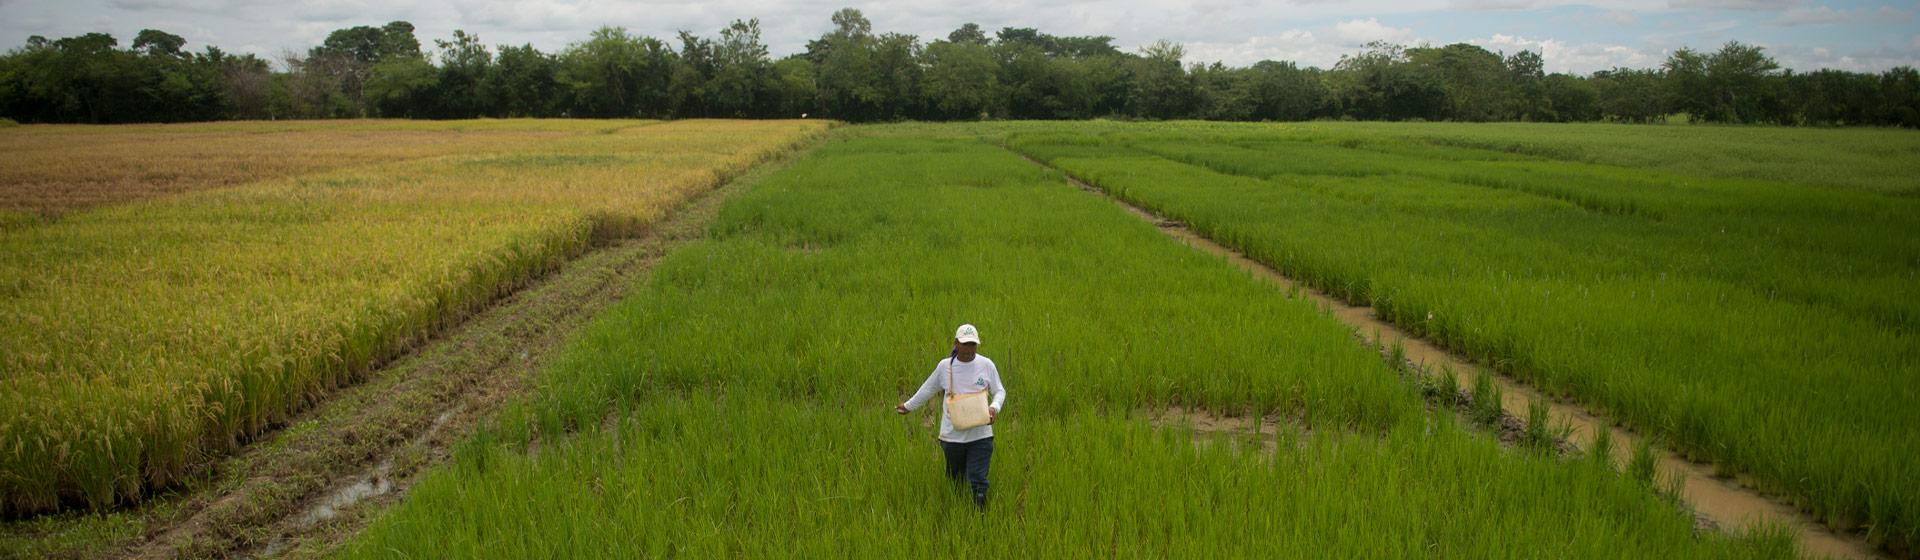 Persona camina en la mitad de un cultivo de arroz.